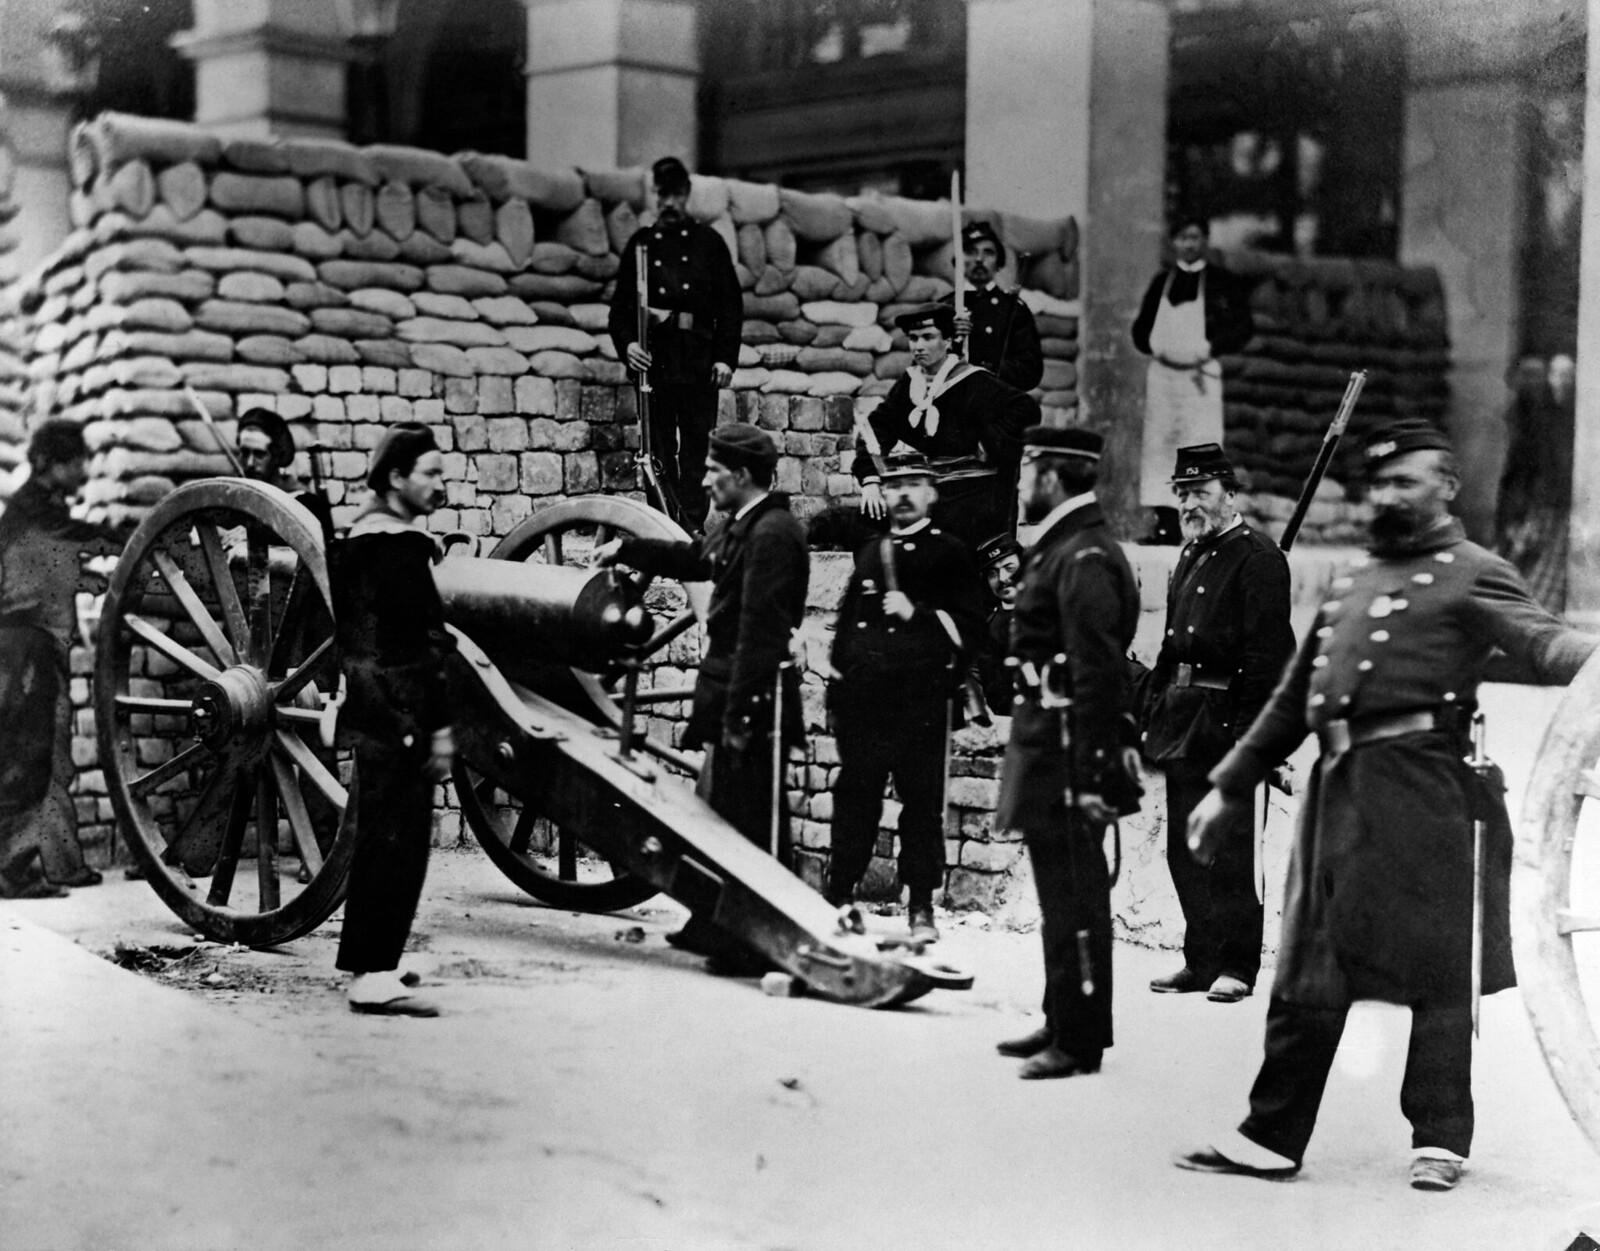 11. 1870. Солдаты за баррикадой на улице Кастильоне в Париже во время франко-прусской войны